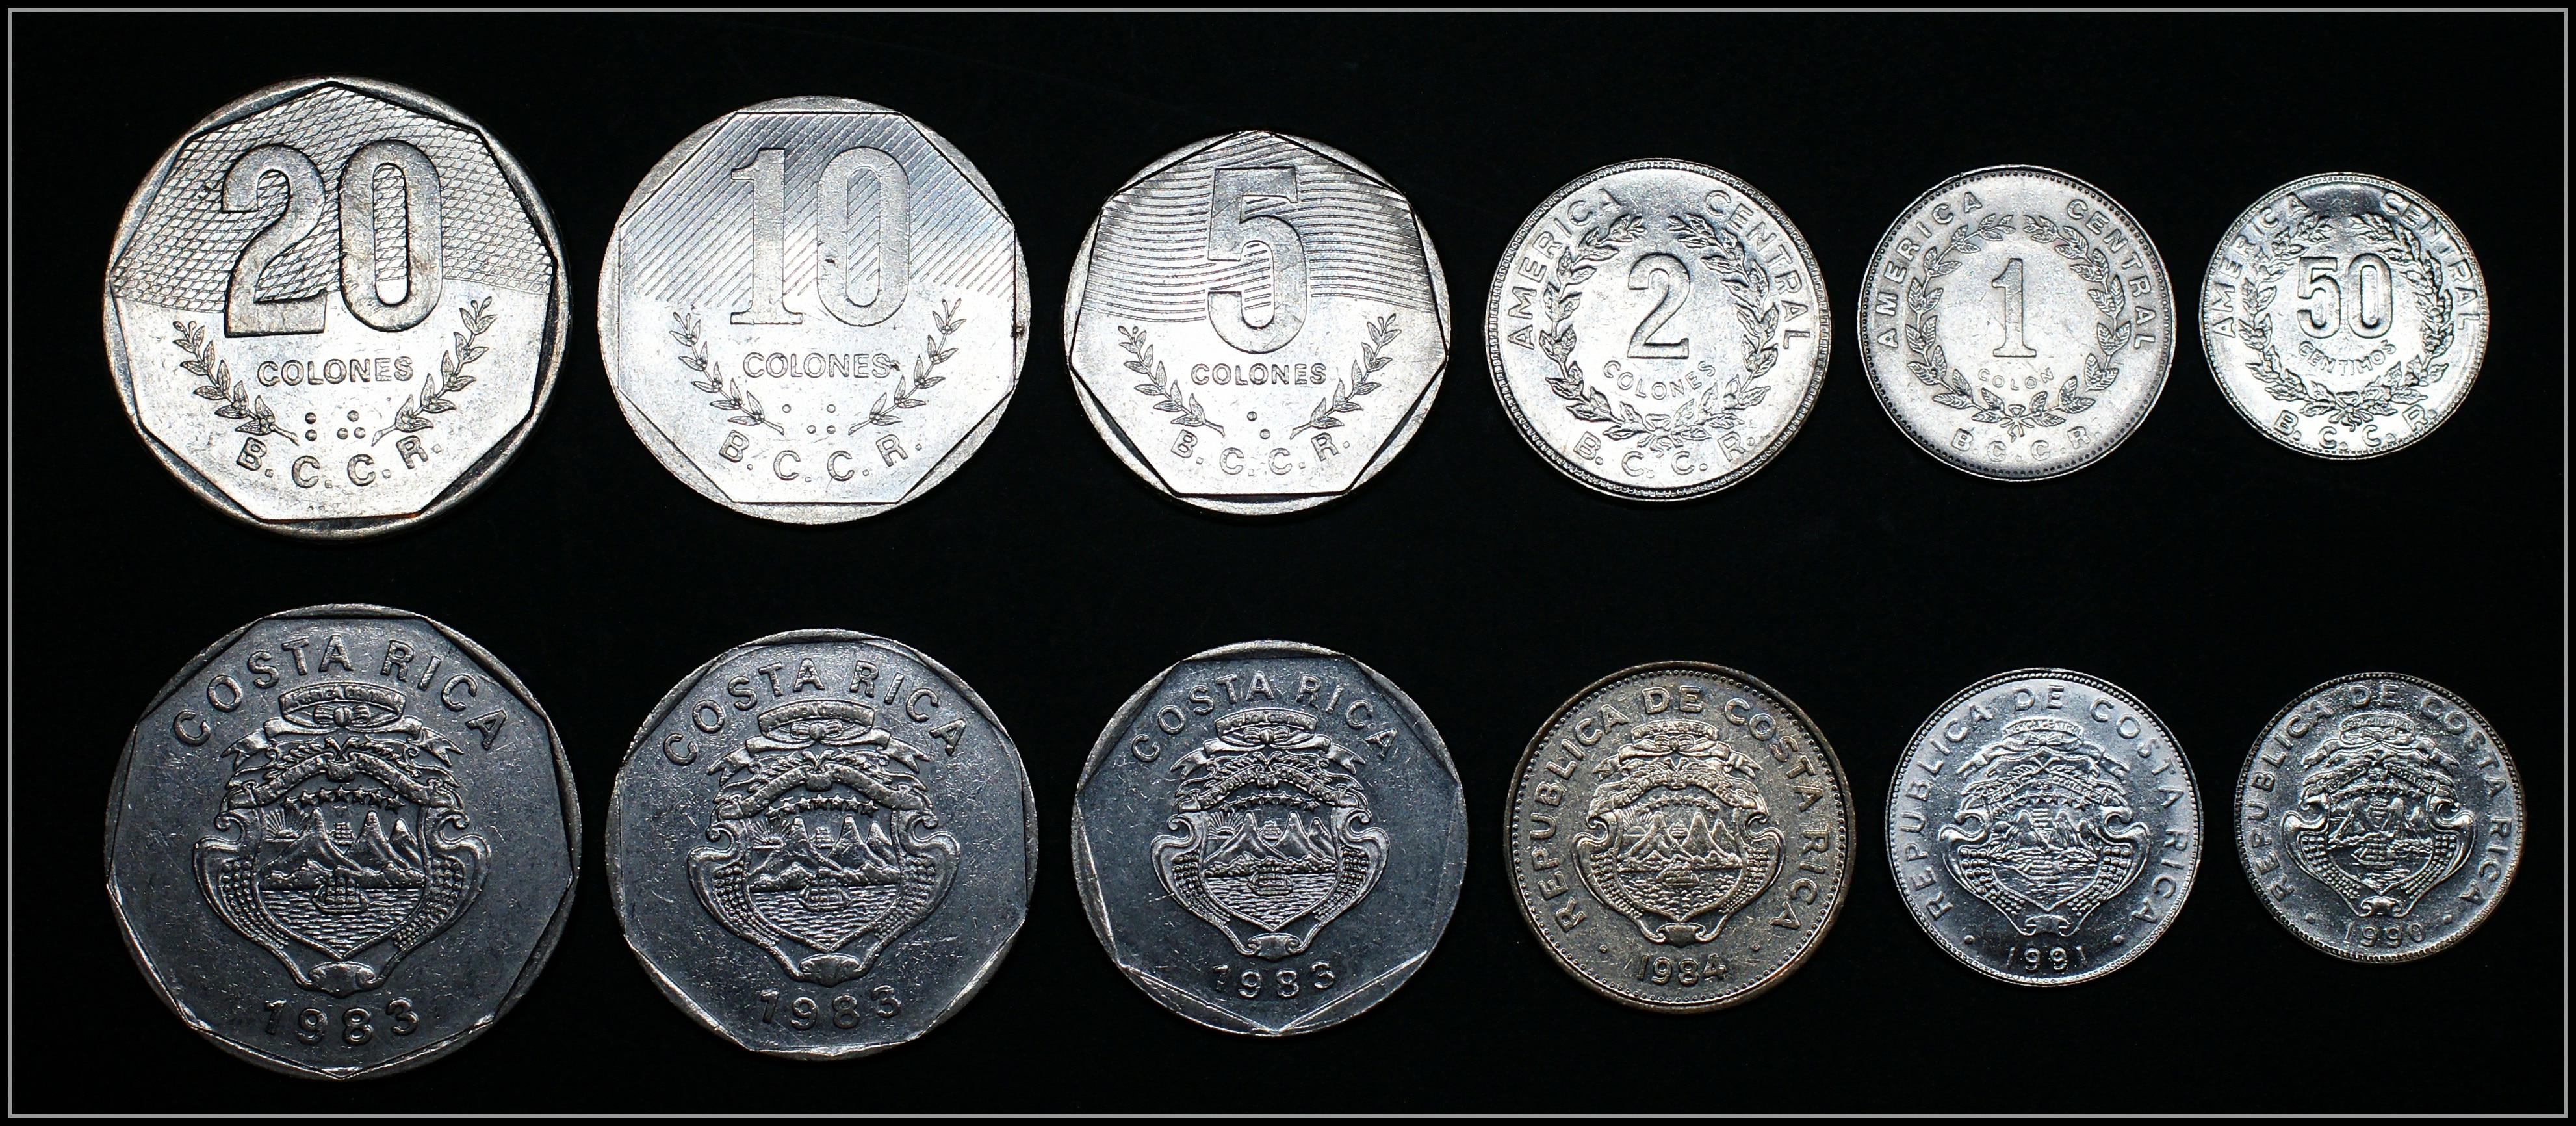 Juego de 6 monedas de Costa Rica, monedas originales de América, Edición Conmemorativa 100% Real